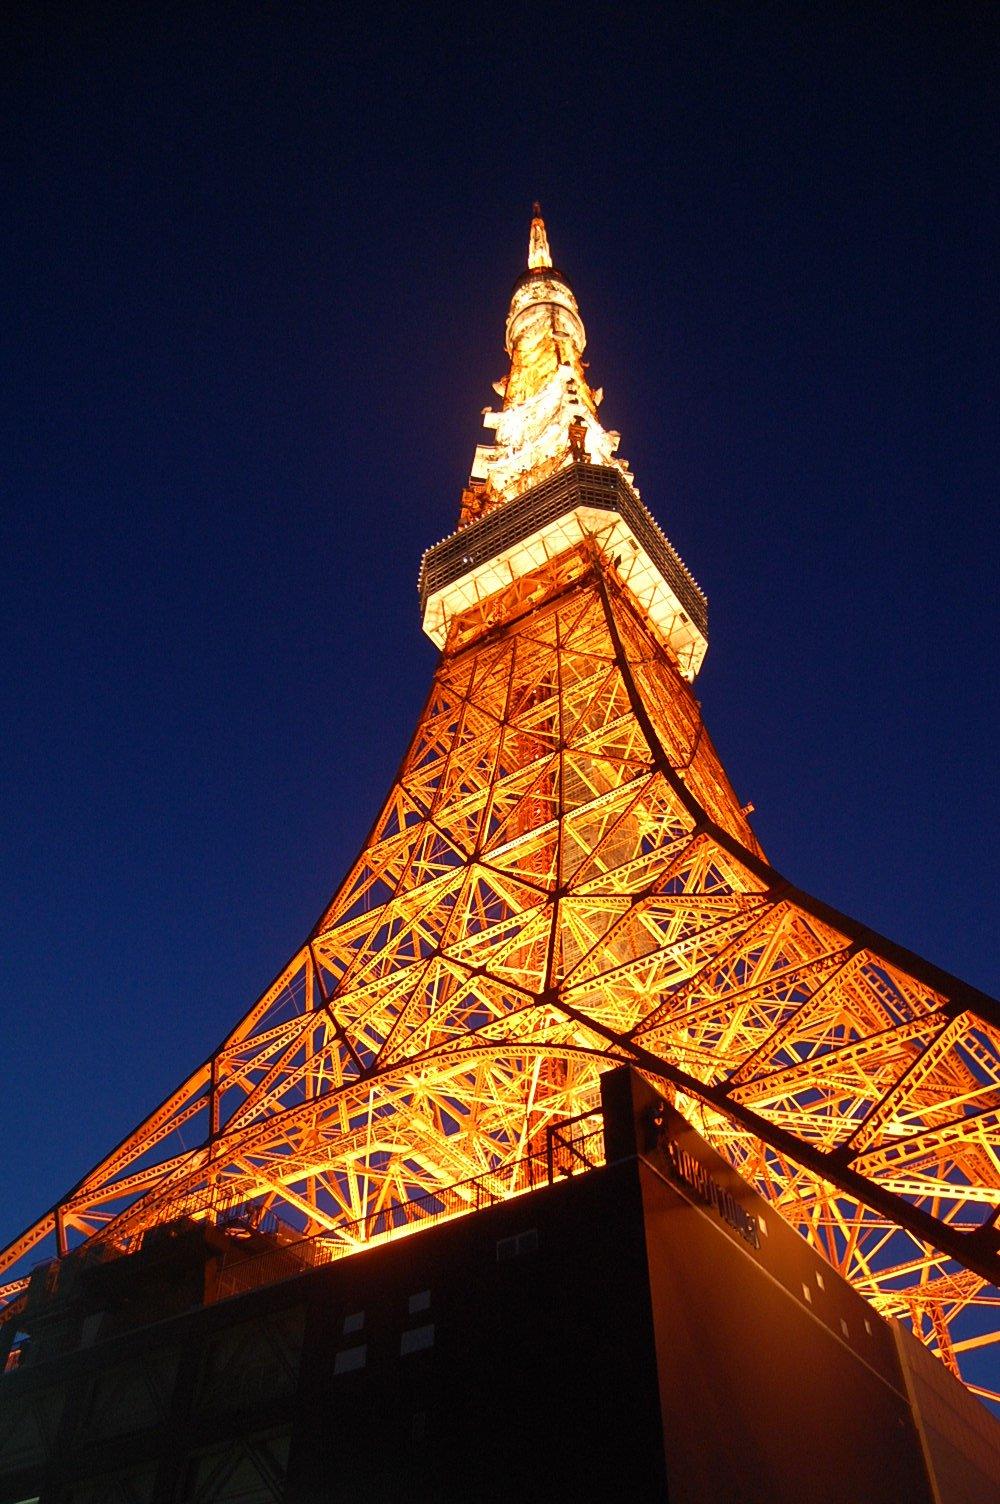 シチリア人日本滞在記 東京 その弐 バゥ_d0084229_221747.jpg